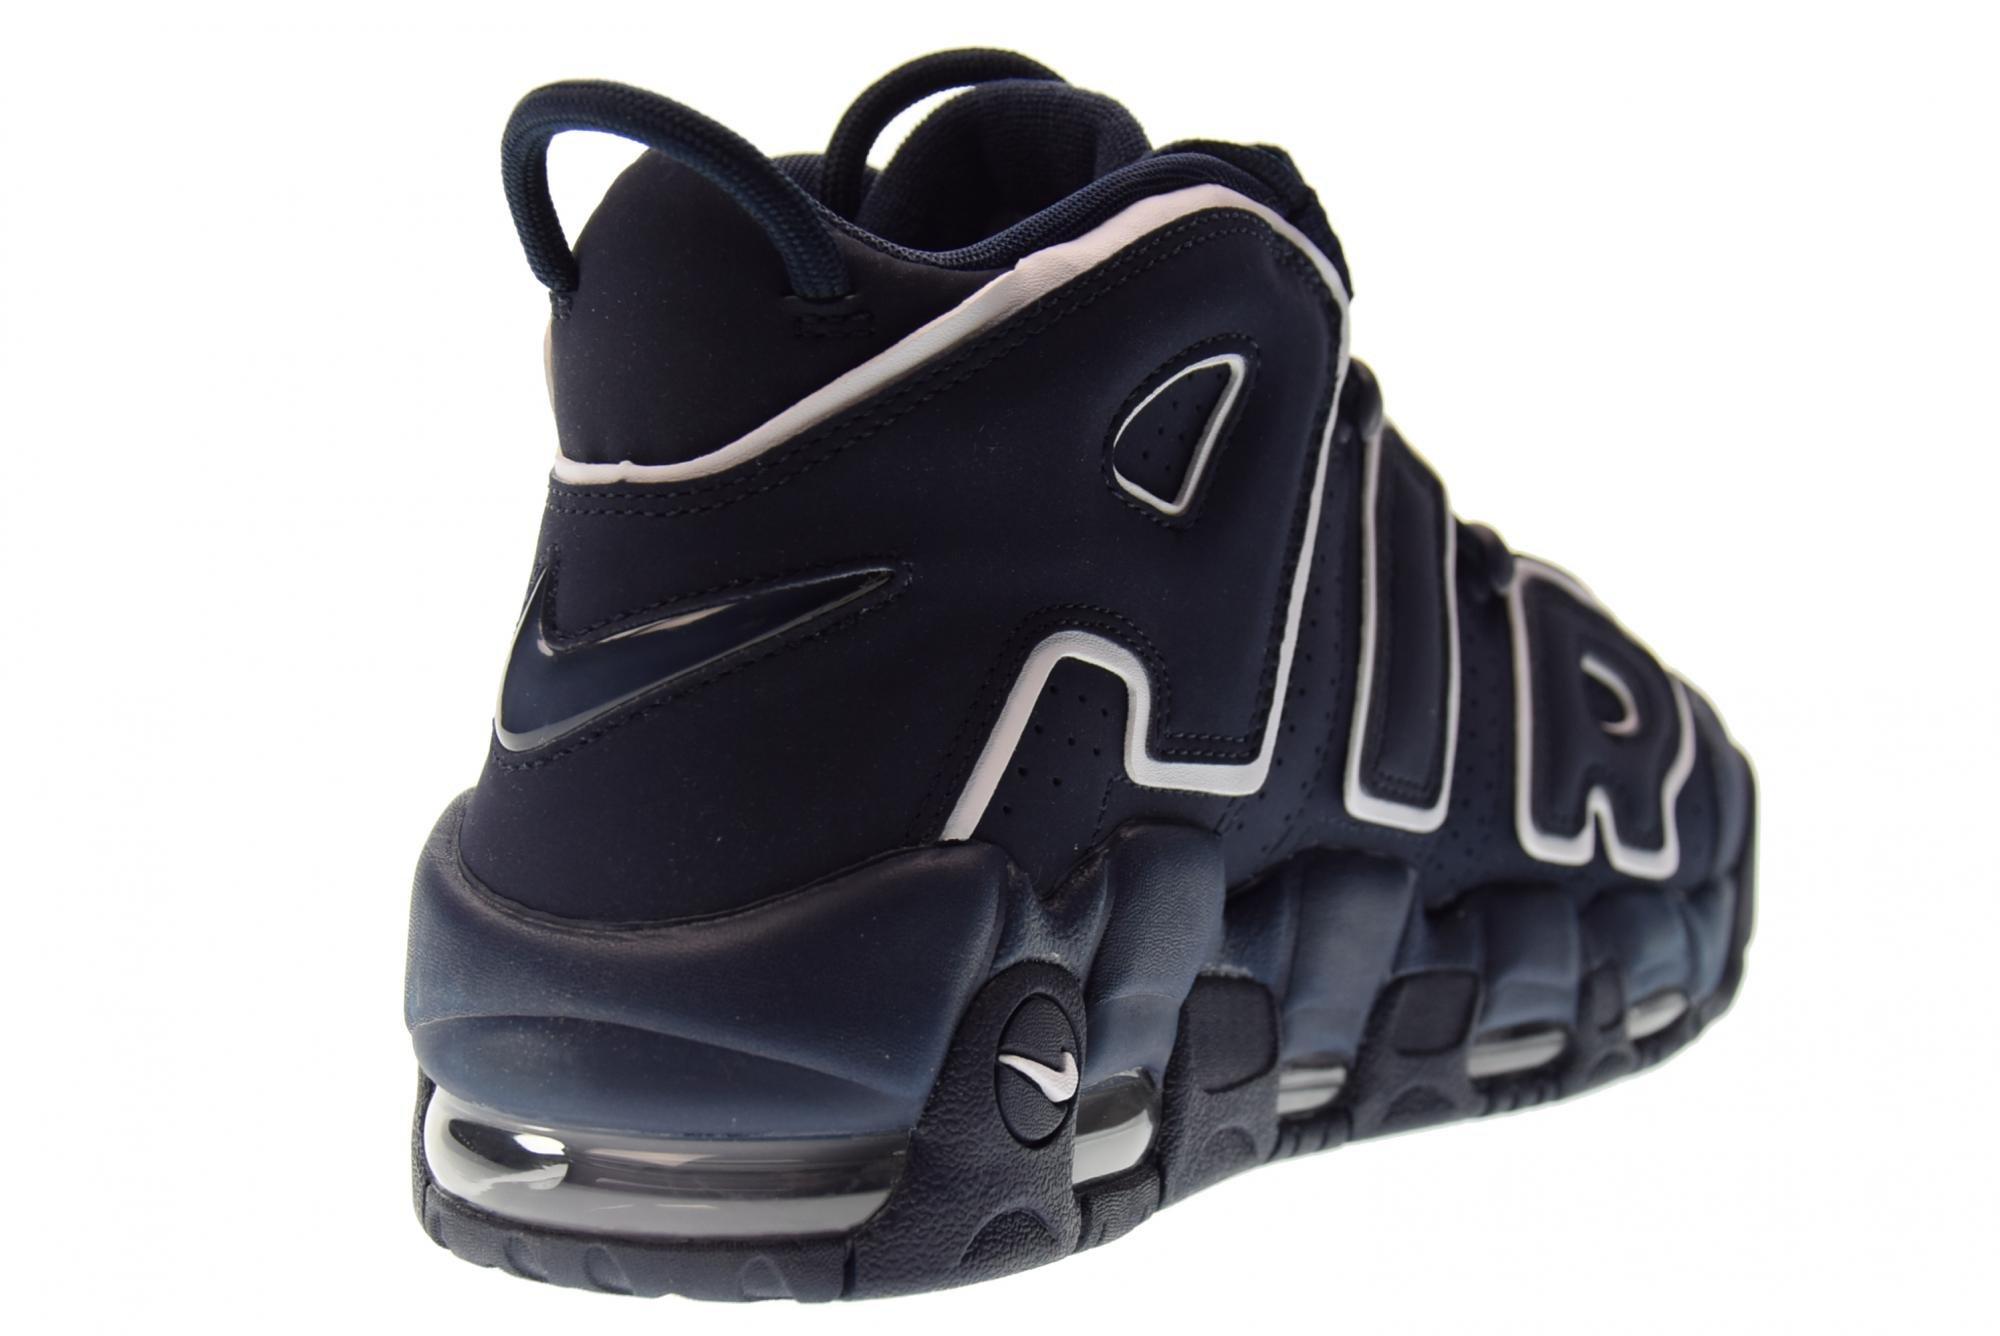 71K2pGc9VHL - Nike Men's Air Huarache International Running Shoes